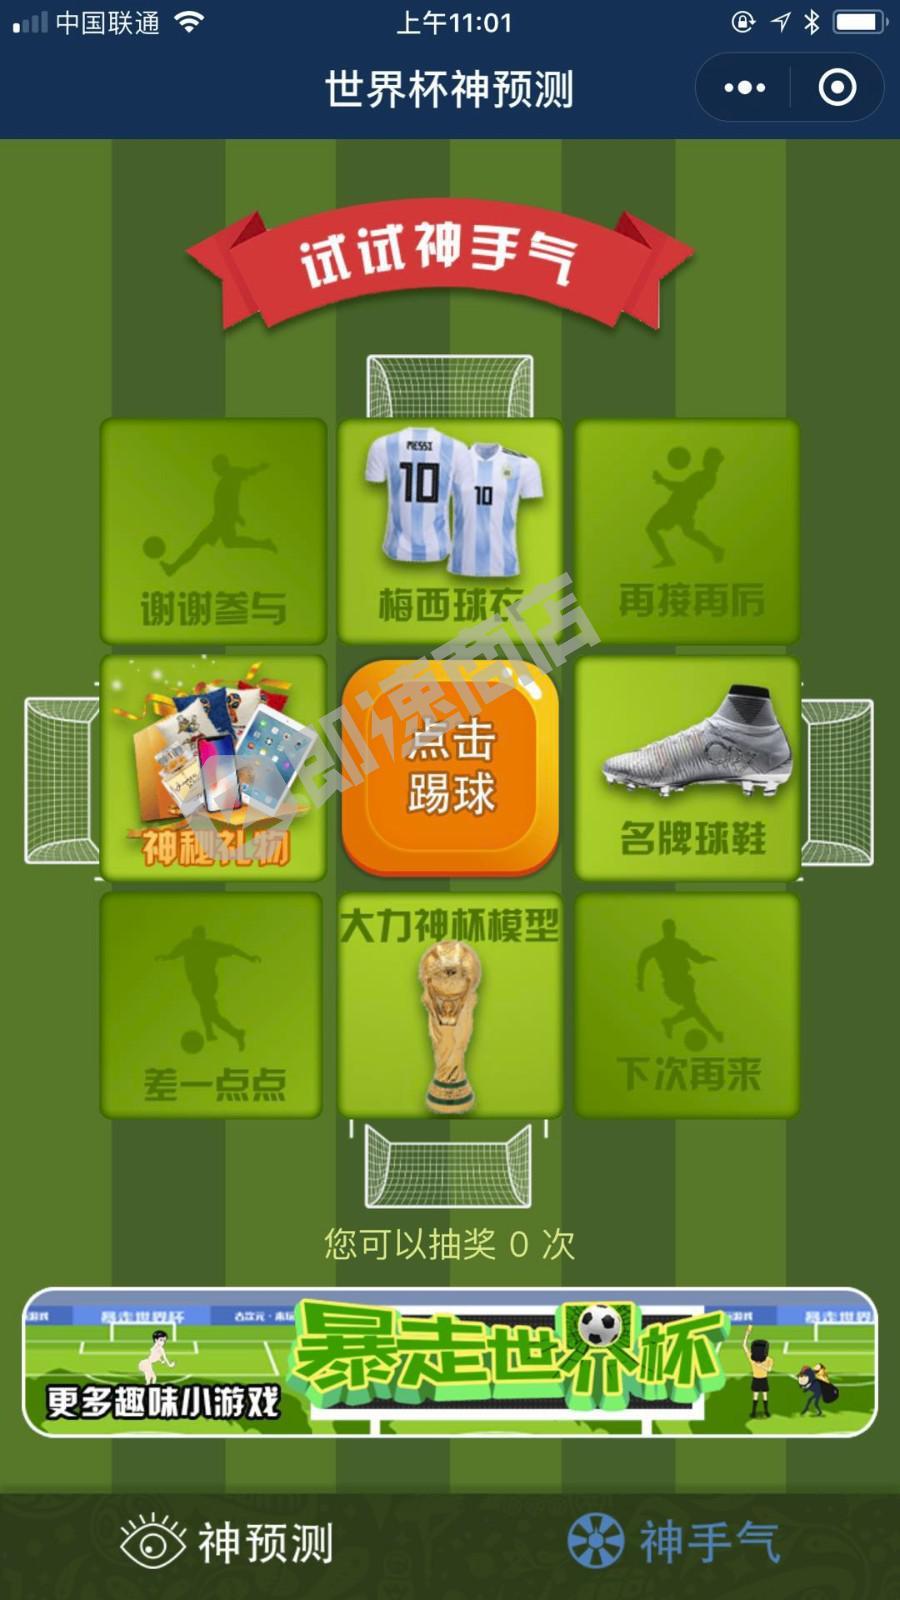 足球赛神预测小程序首页截图